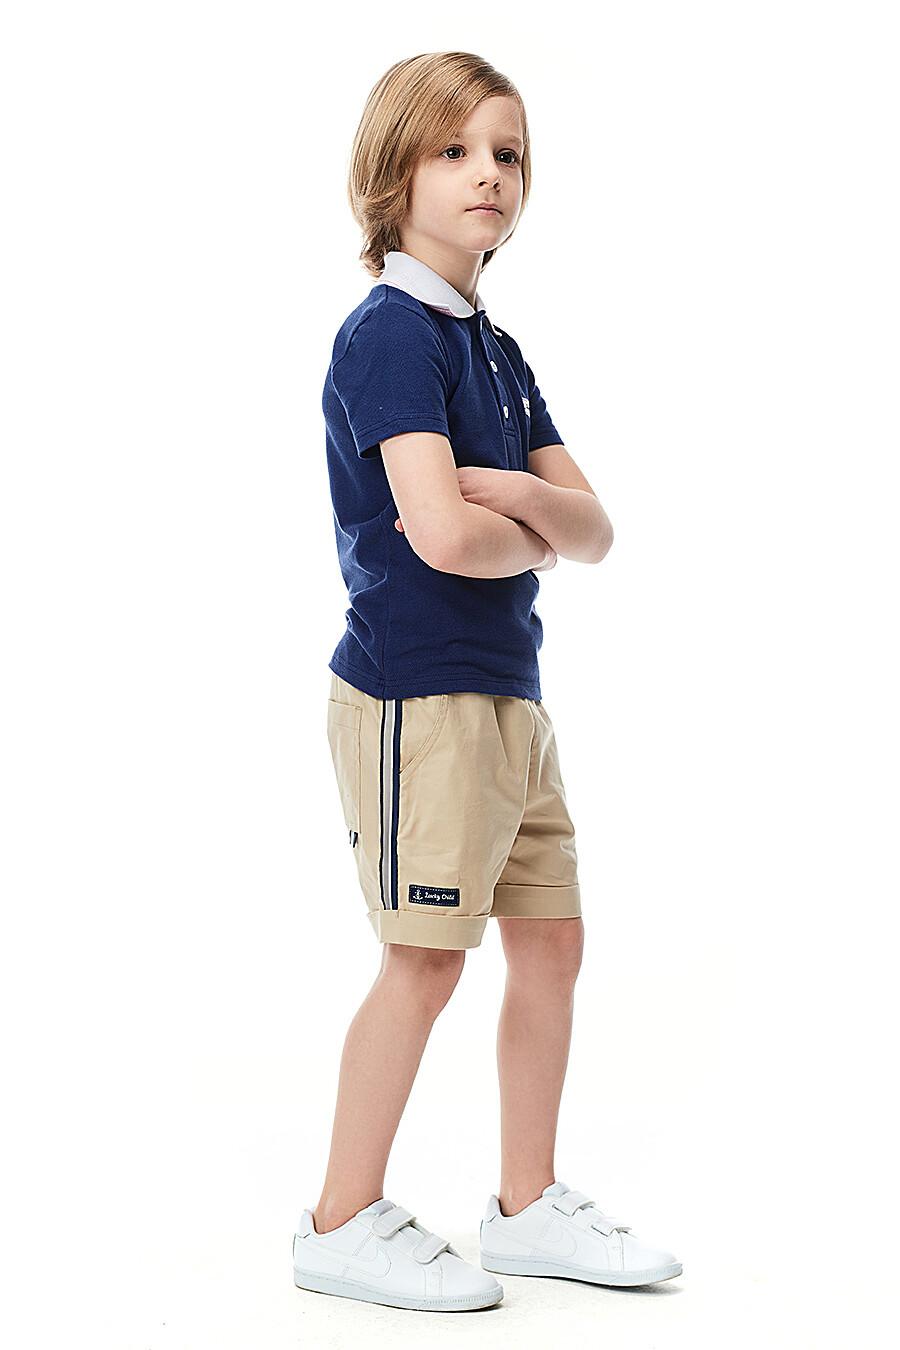 Шорты для мальчиков LUCKY CHILD 184407 купить оптом от производителя. Совместная покупка детской одежды в OptMoyo